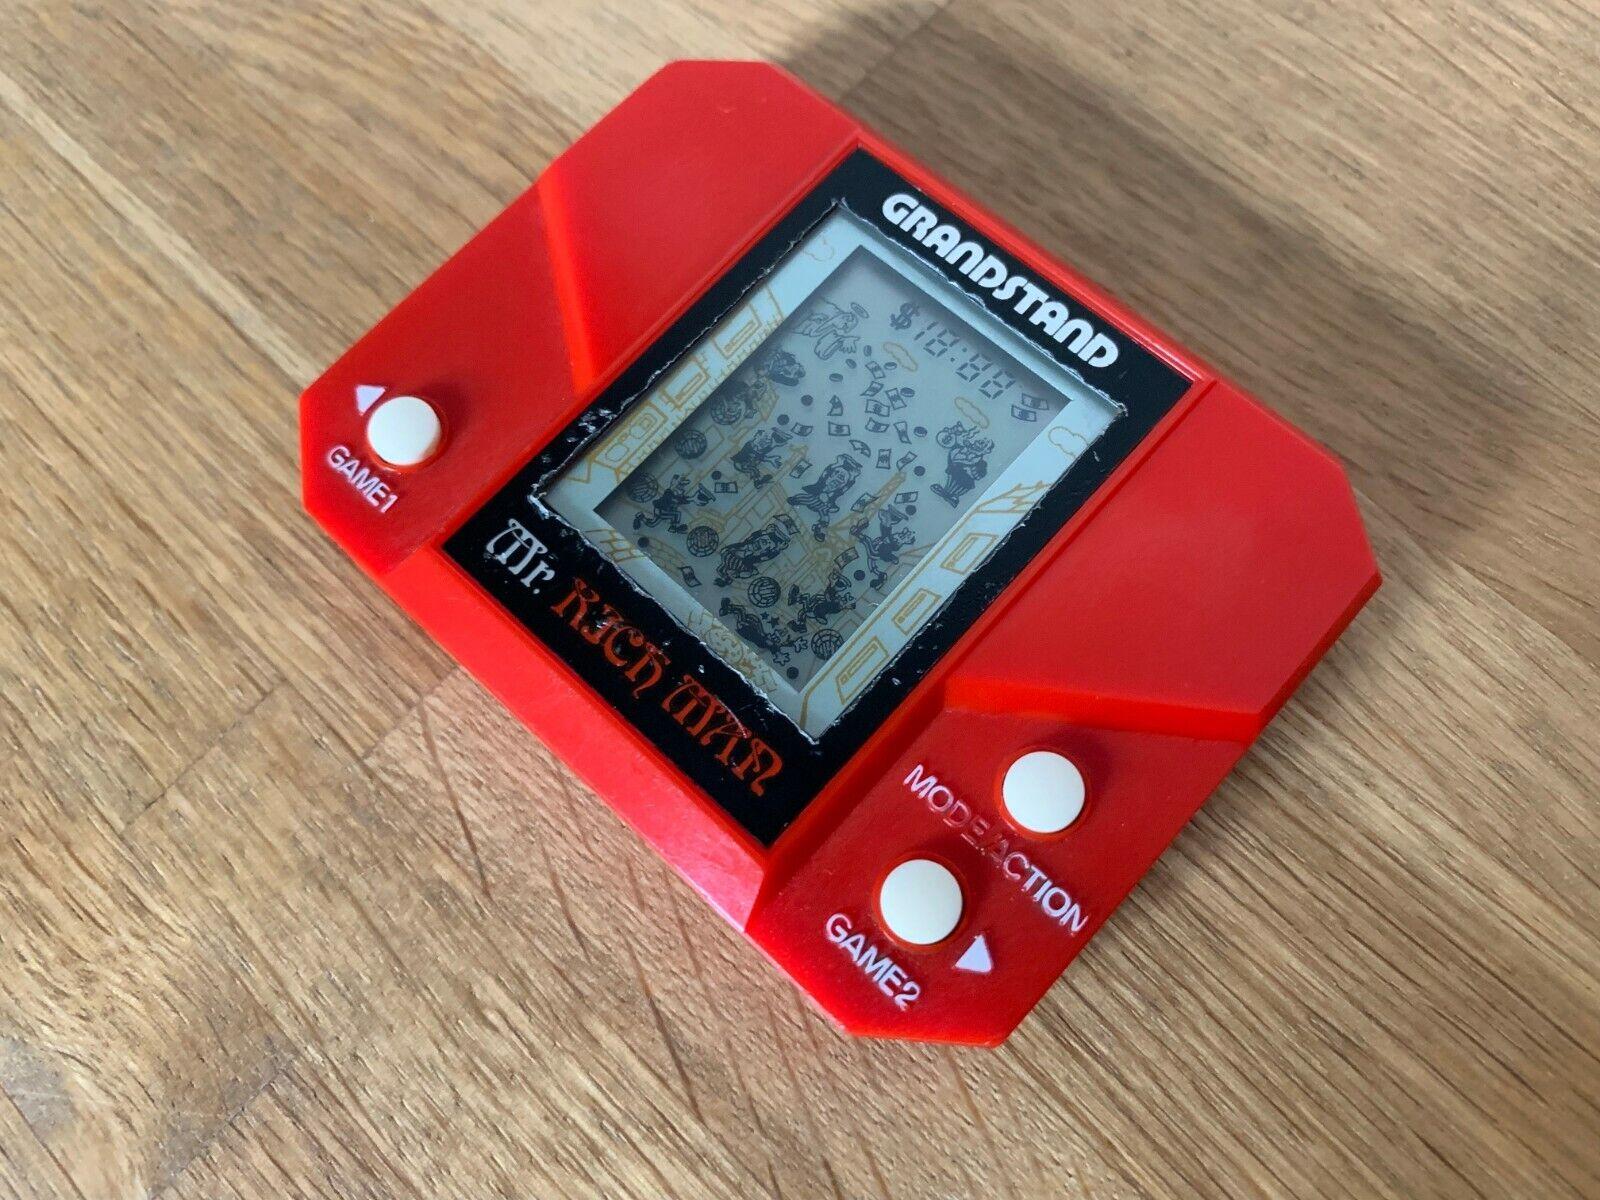 Grandstand el señor Rico Vintage 1982 LCD Portátil Juego Electrónico-Excelente Cond.